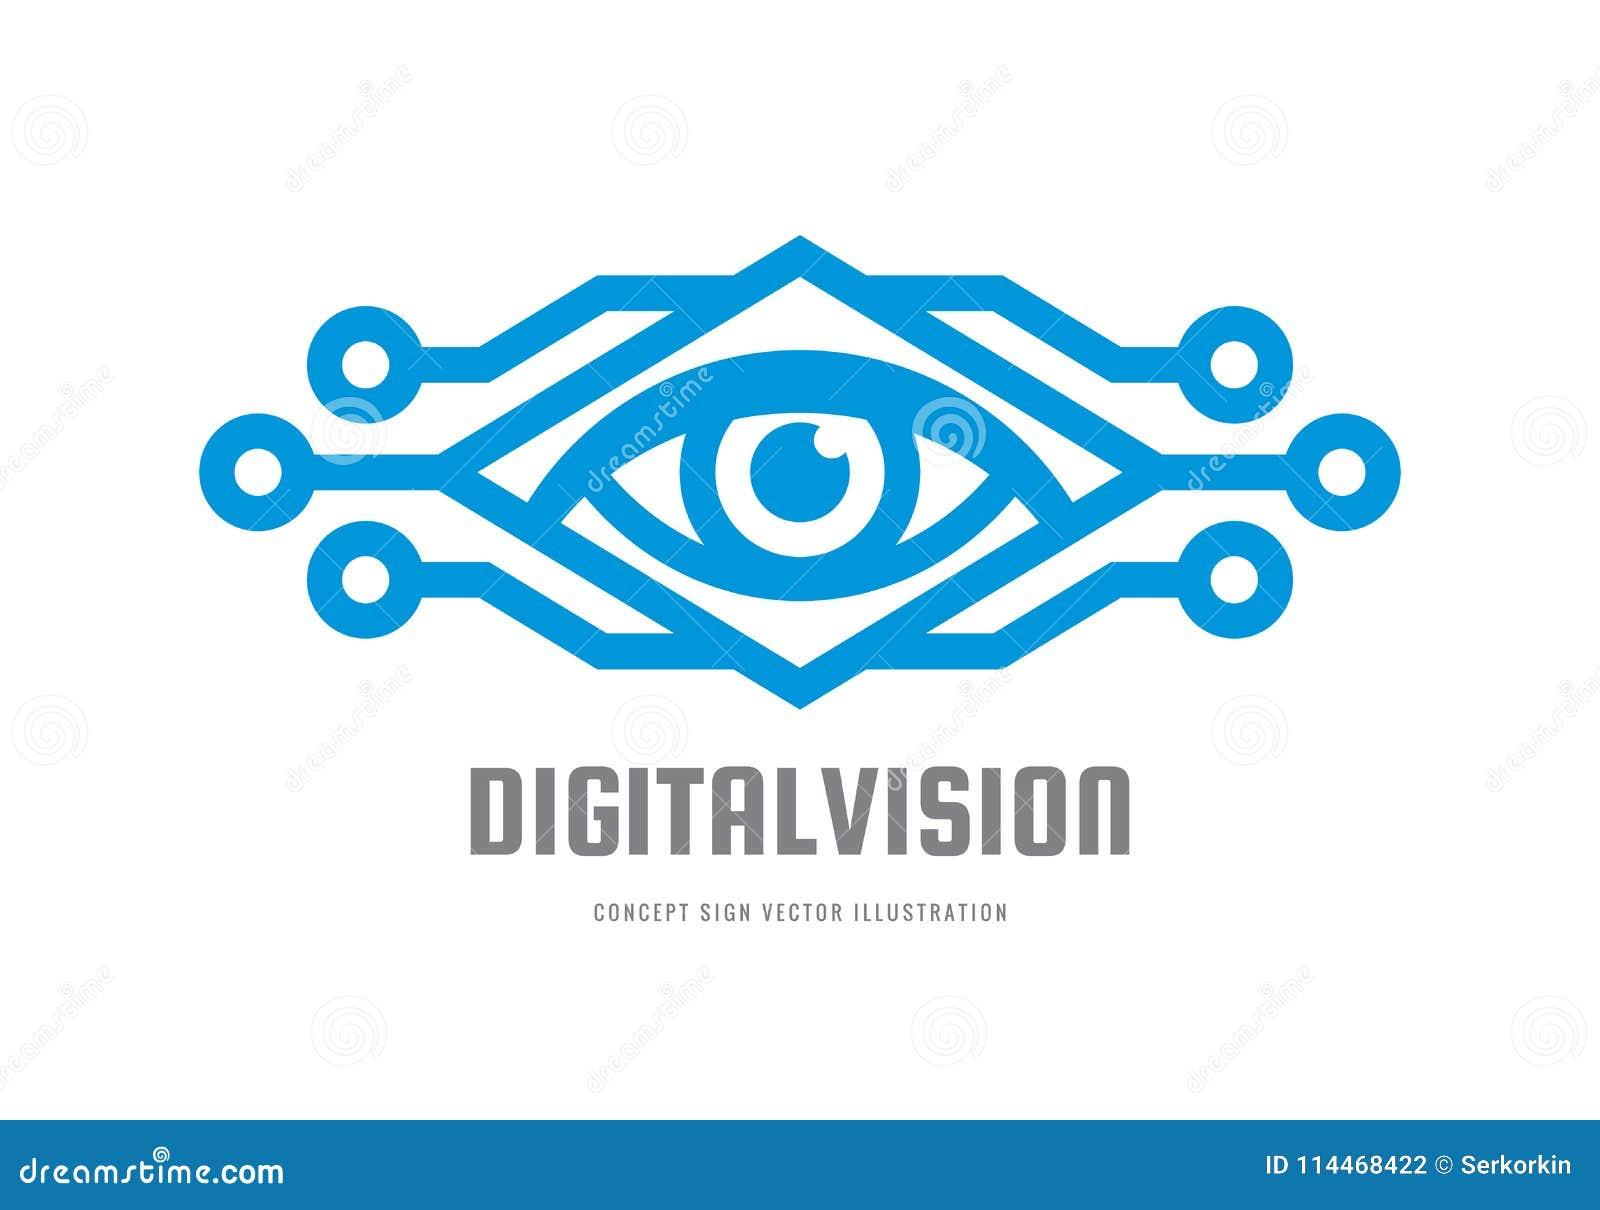 Digital-Vision - vector Logoschablonen-Konzeptillustration Abstraktes kreatives Zeichen des menschlichen Auges Sicherheitstechnik